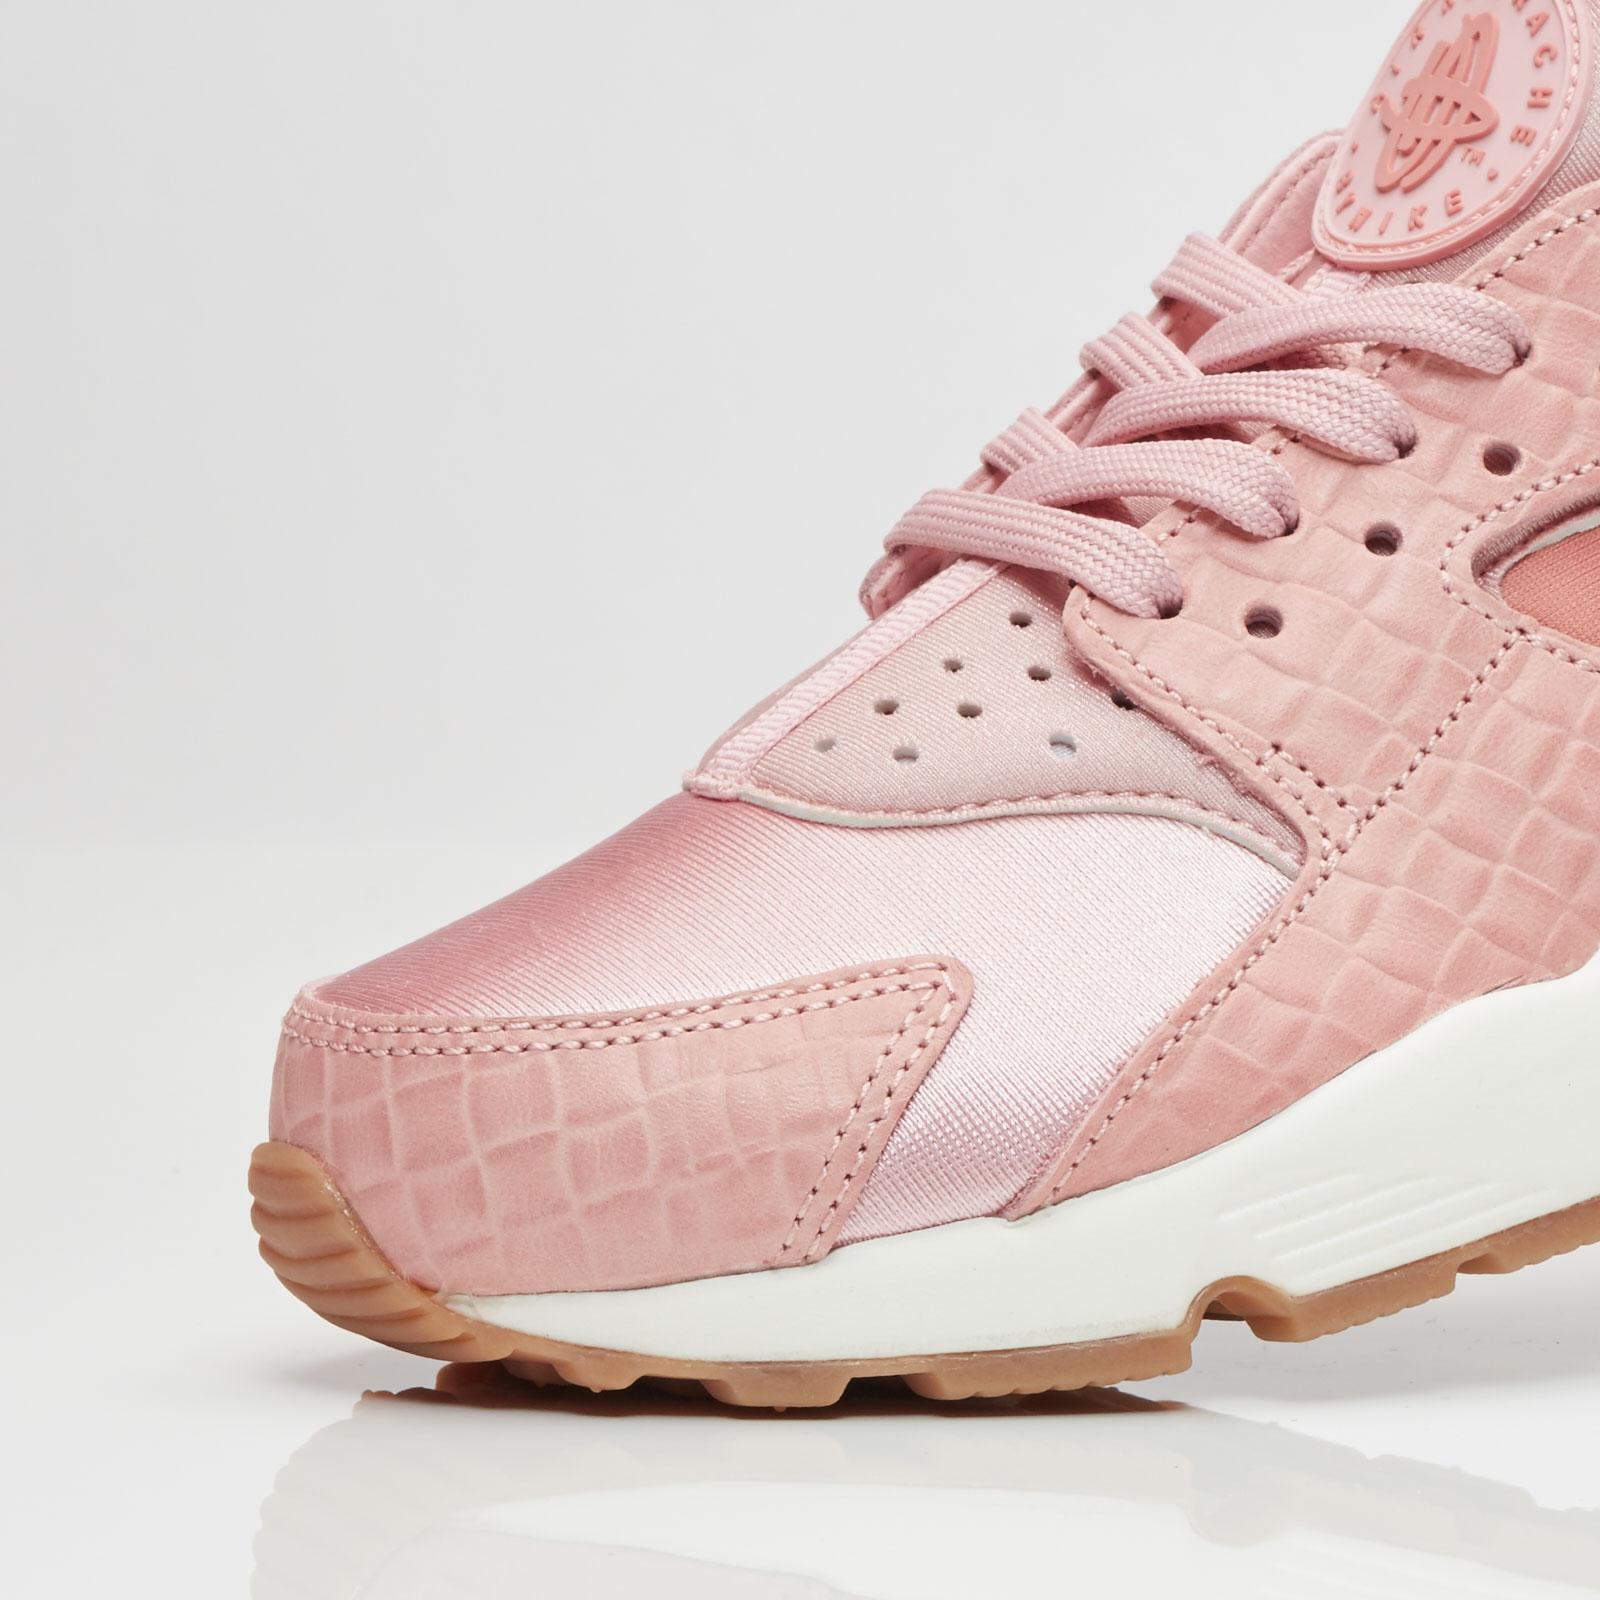 Nike Wmns Air Huarache Run Premium - 683818-601 - Sneakersnstuff ... 7f9762d10